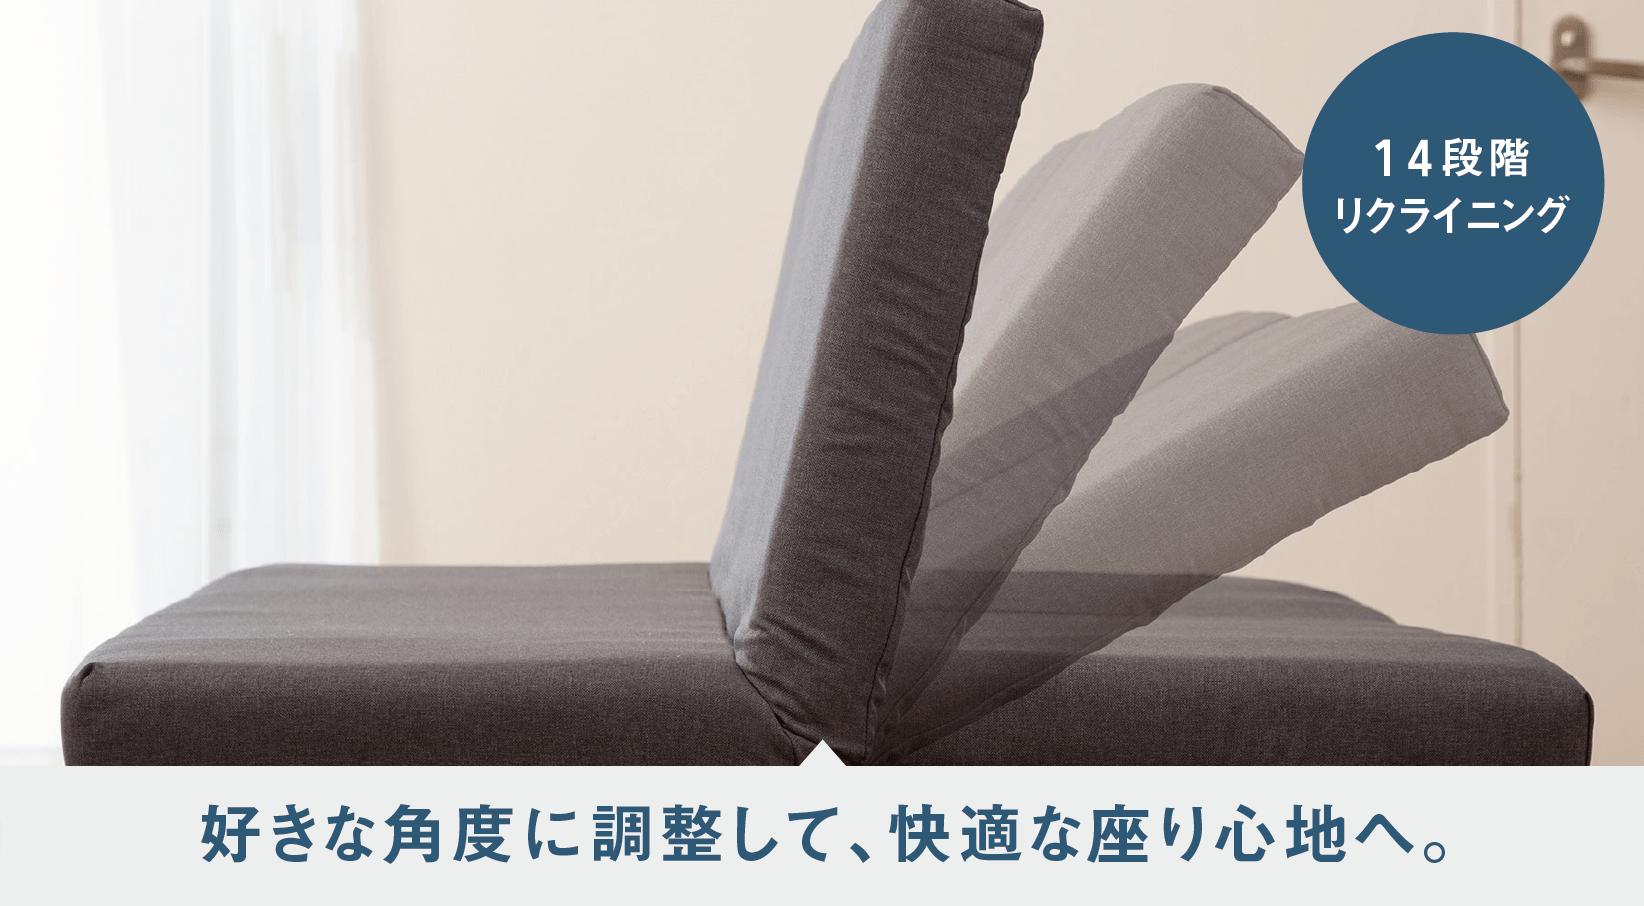 好きな角度に調節して、快適な座り心地へ。